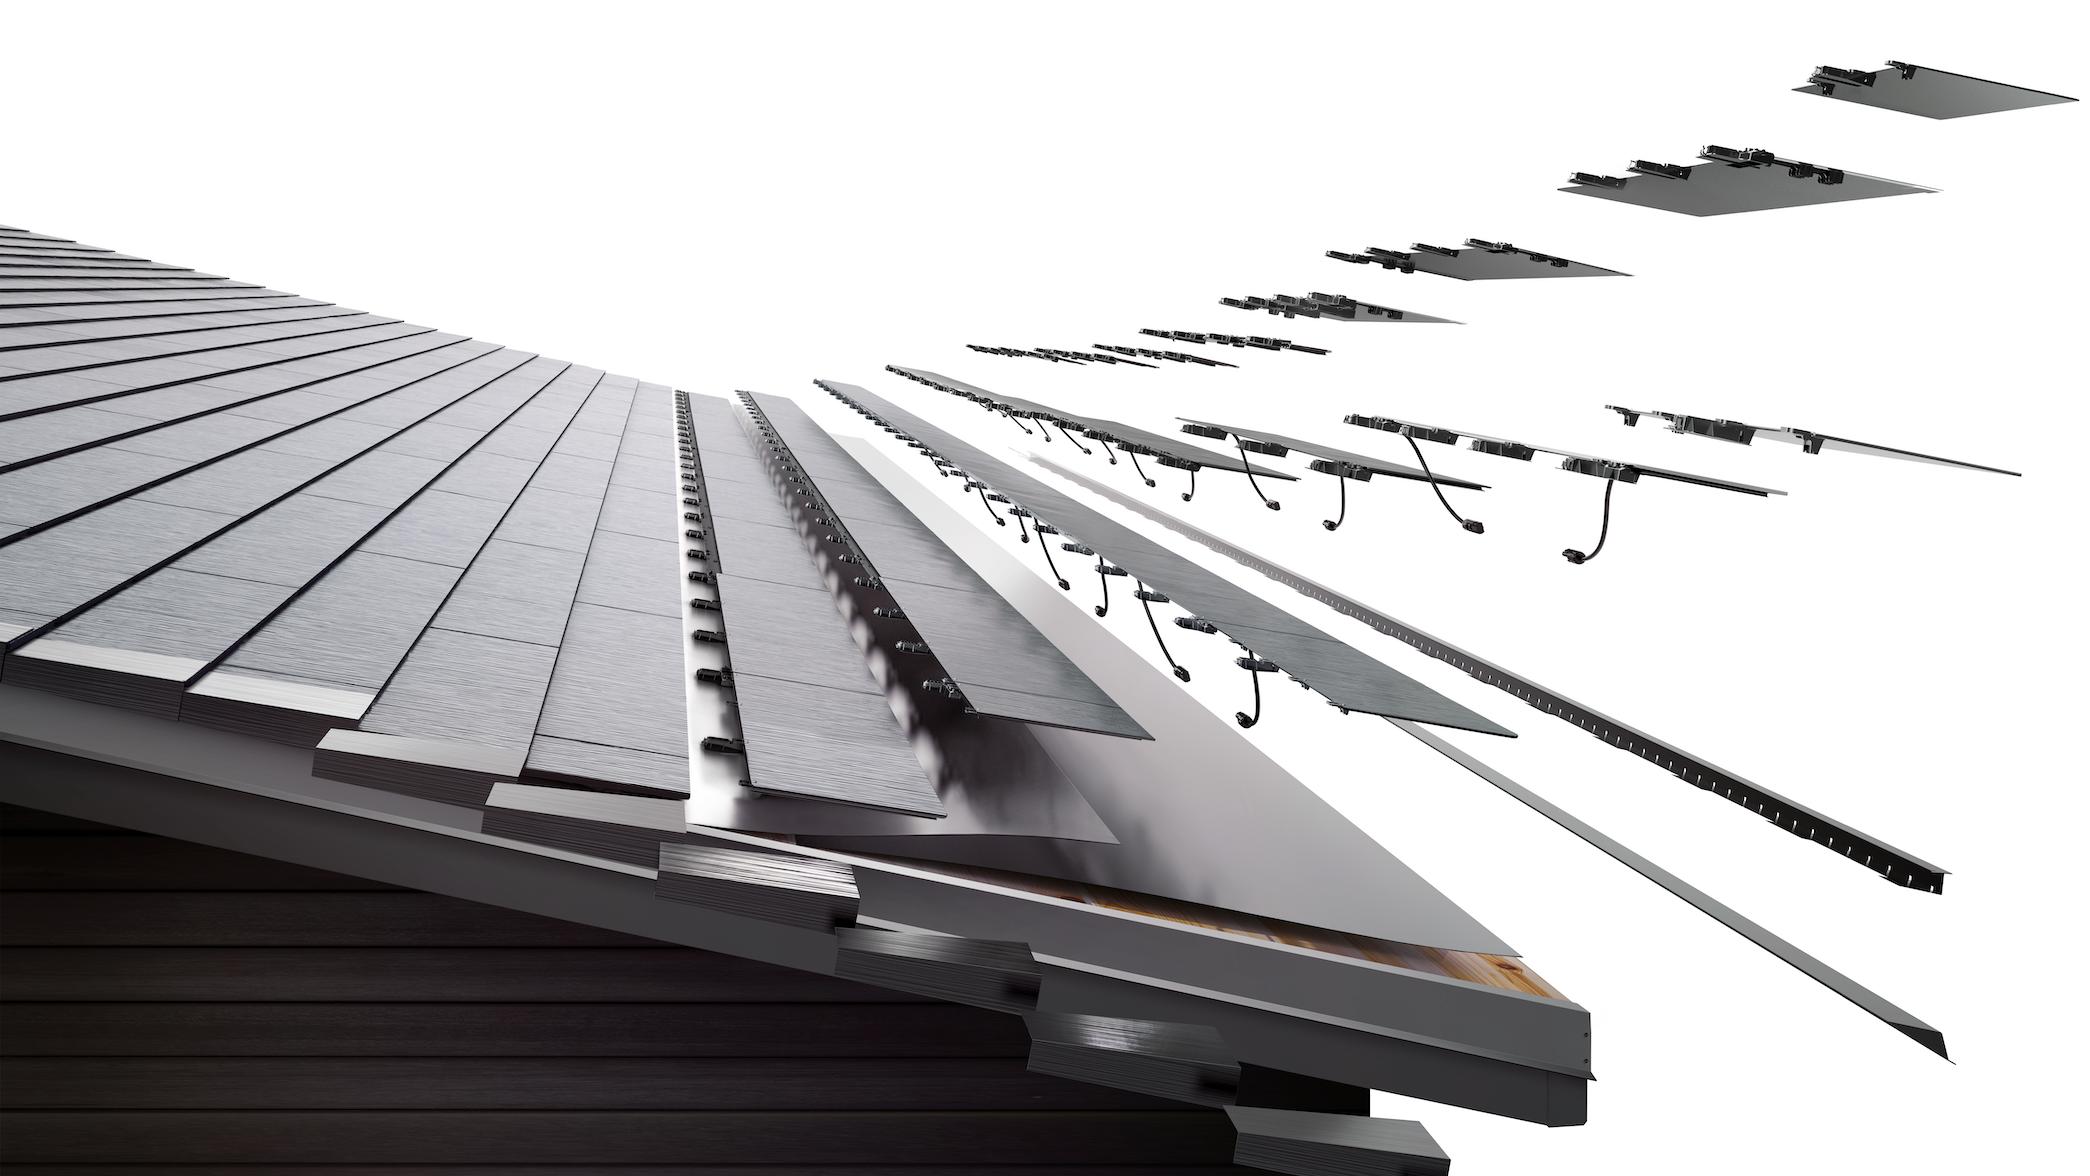 Solar Roof Design